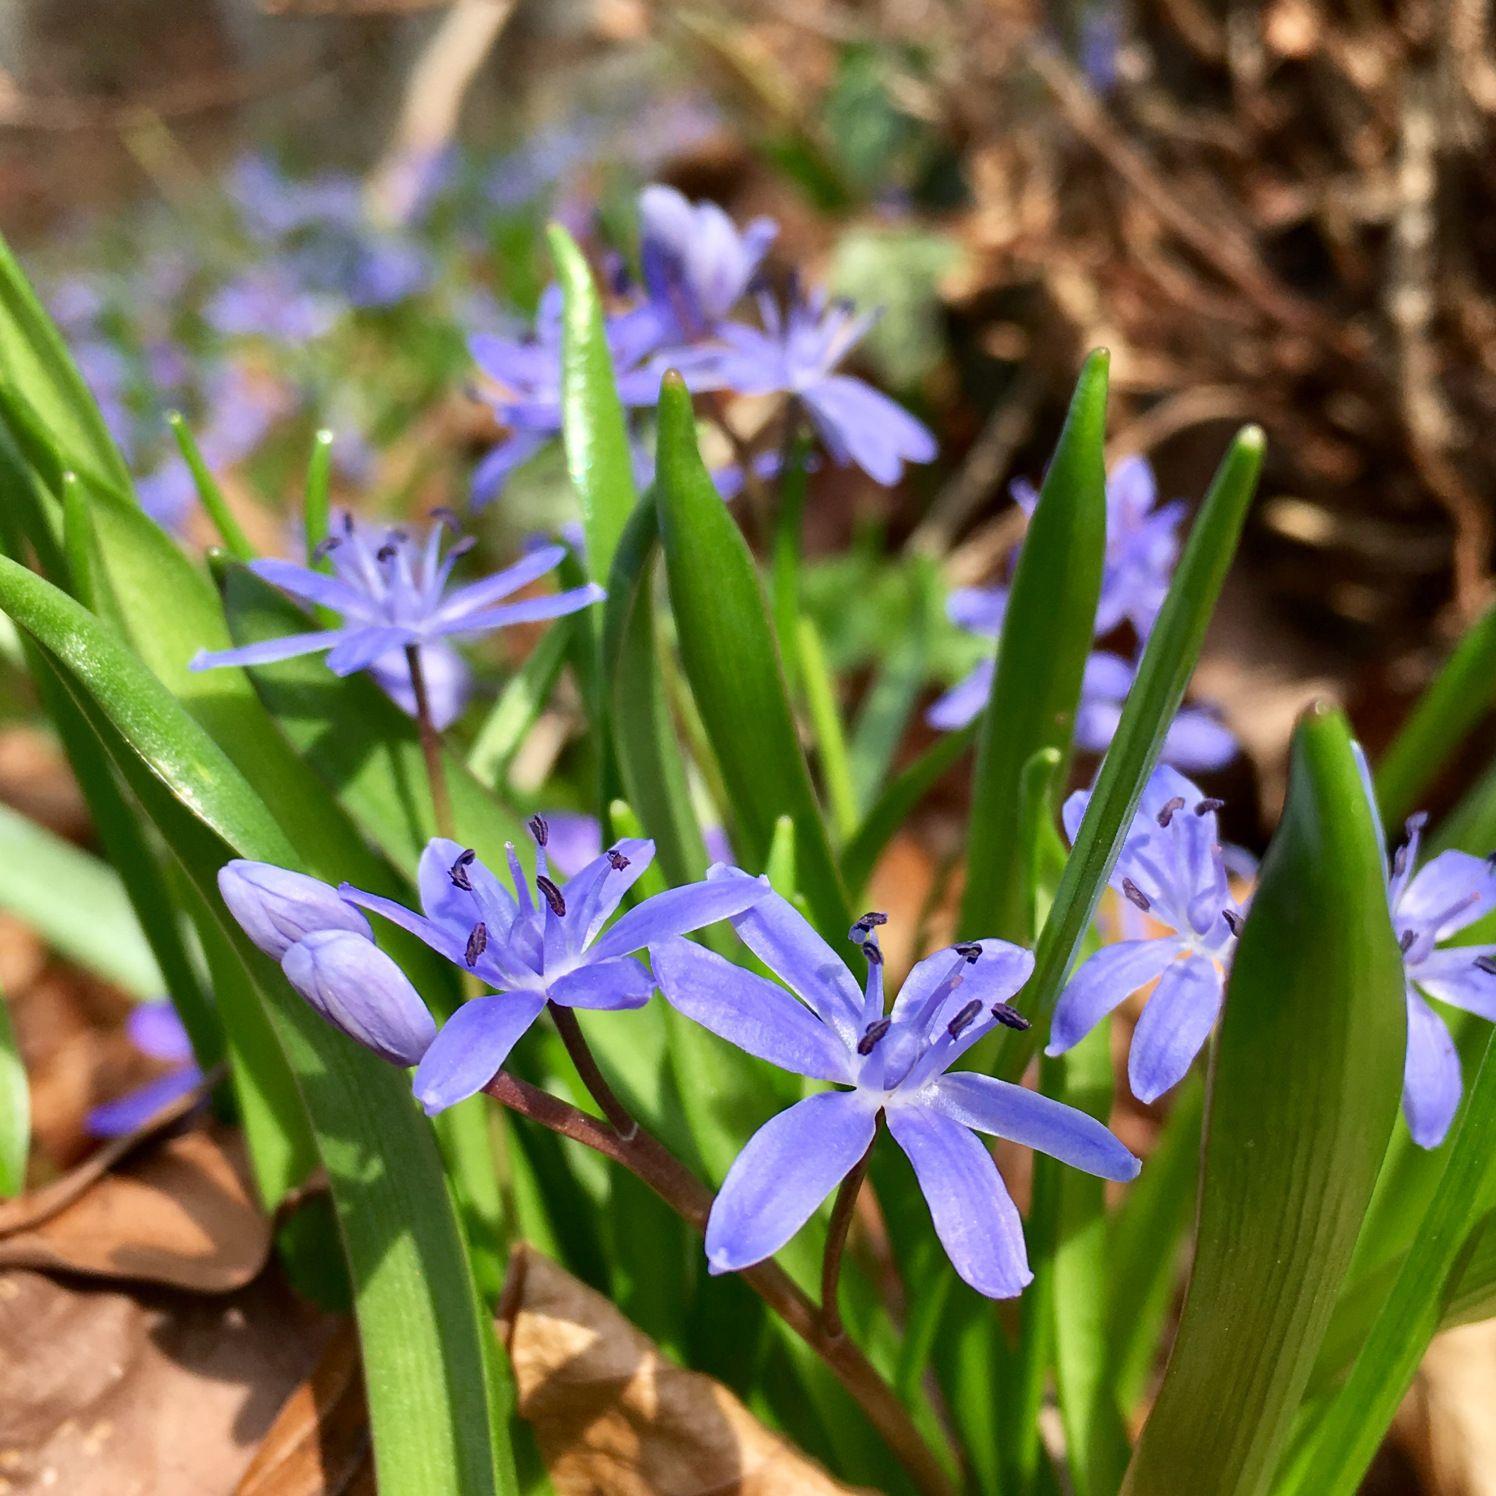 Dieser Blaustern ist eine besondere Pflanze im Frühlingsgarten